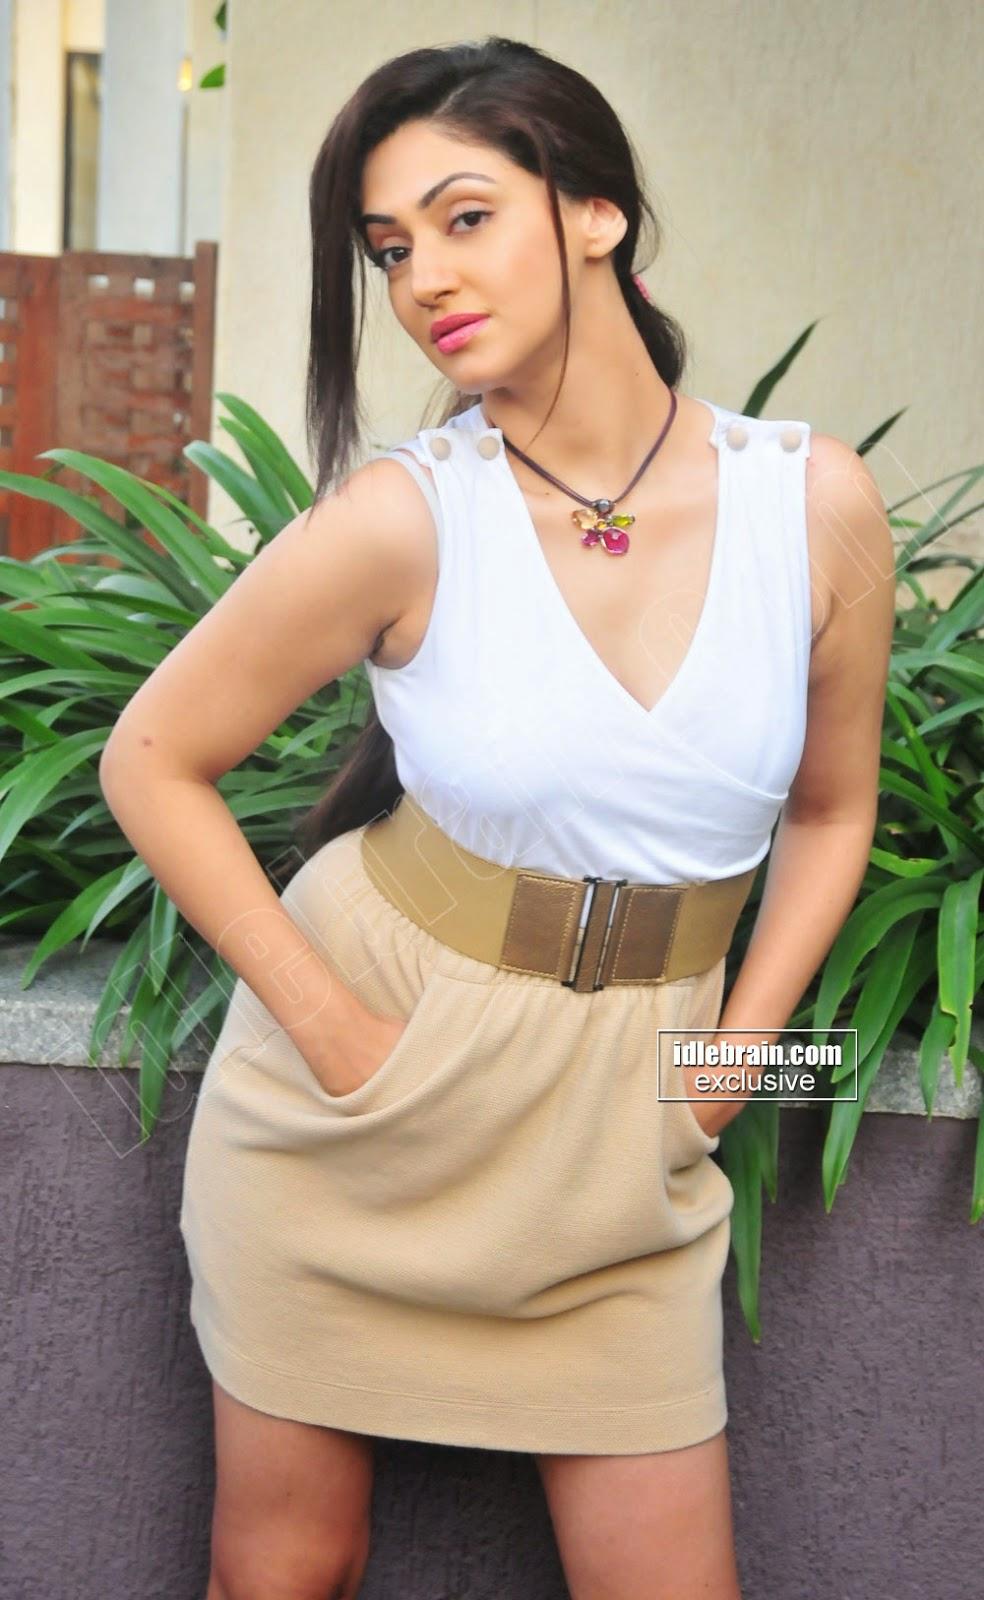 Reyhna Malhotra thunder thighs